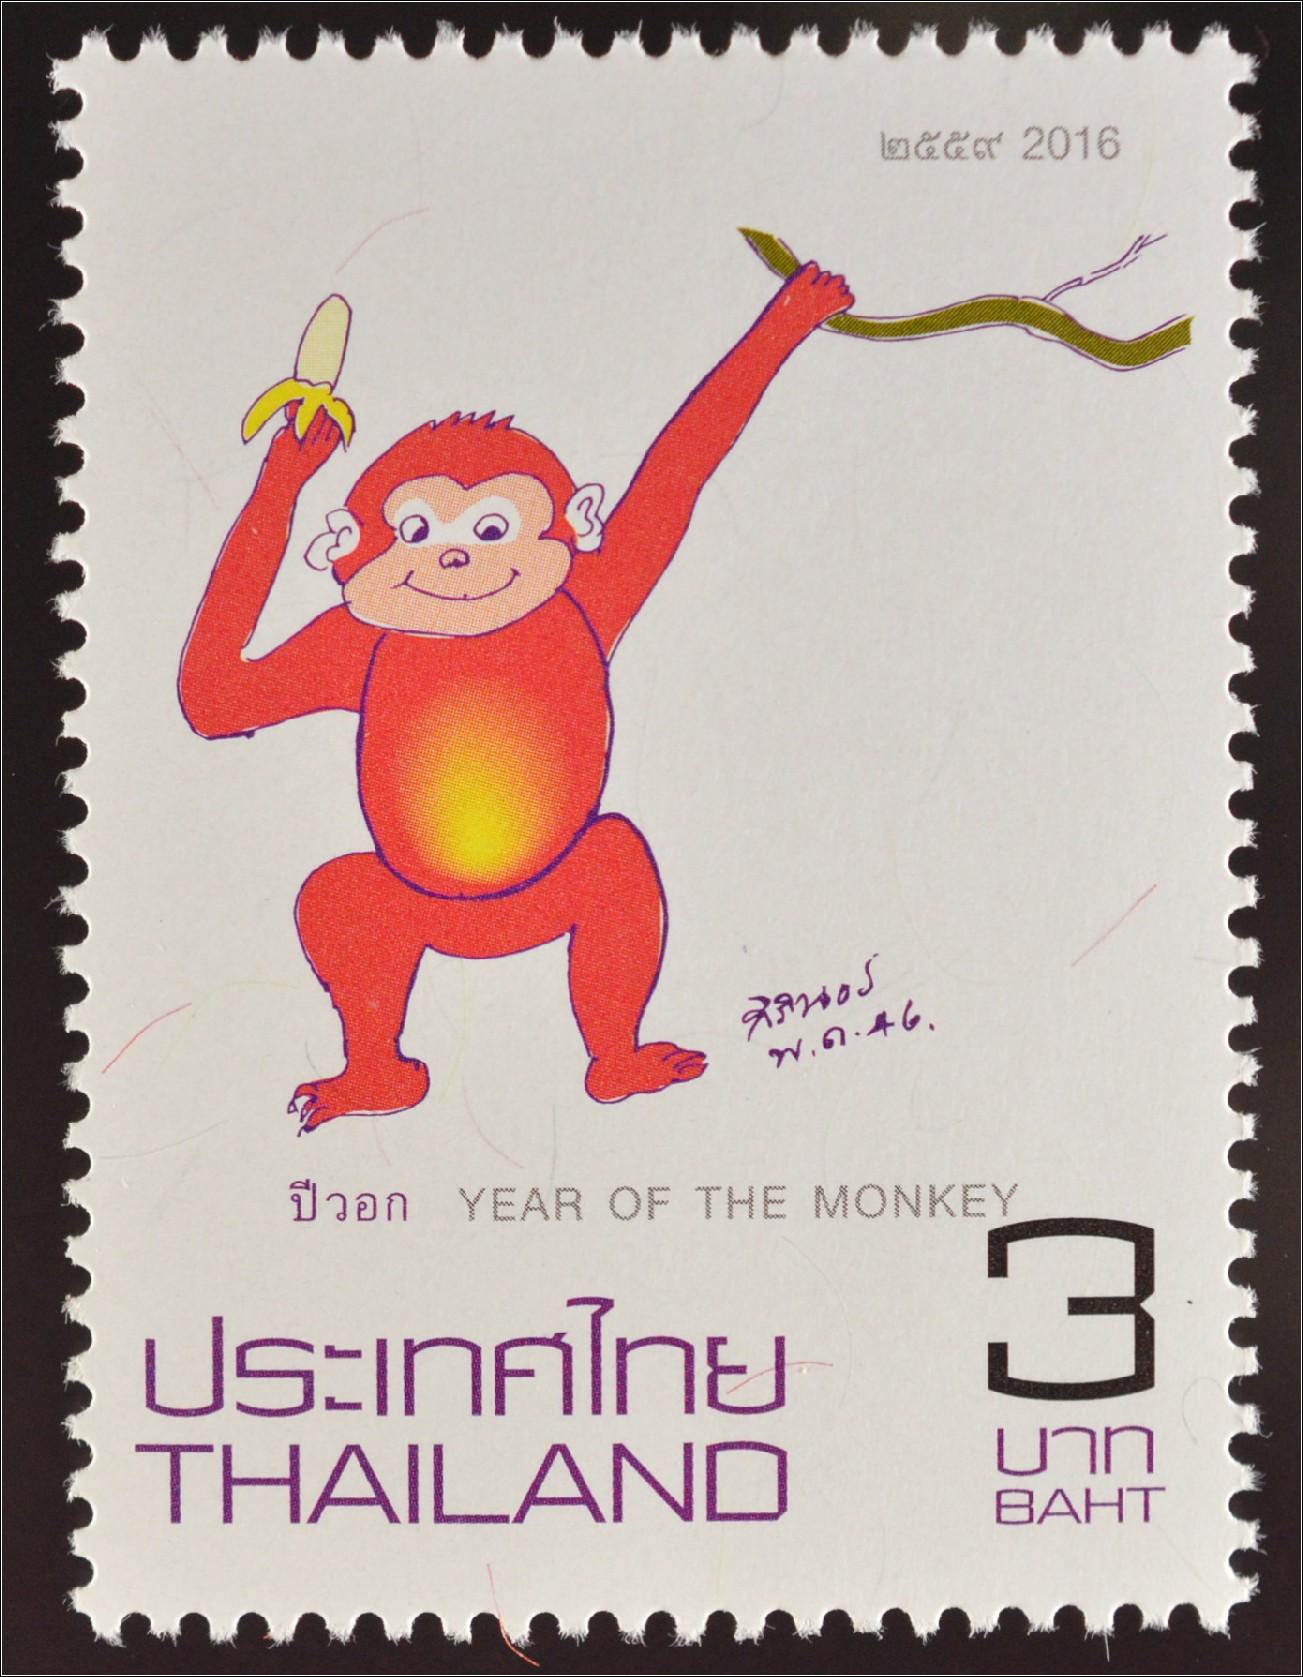 thailand 2016 nr 3541 jahr des affen chinesisches horoskop year of the monkey briefmarkenhaus. Black Bedroom Furniture Sets. Home Design Ideas